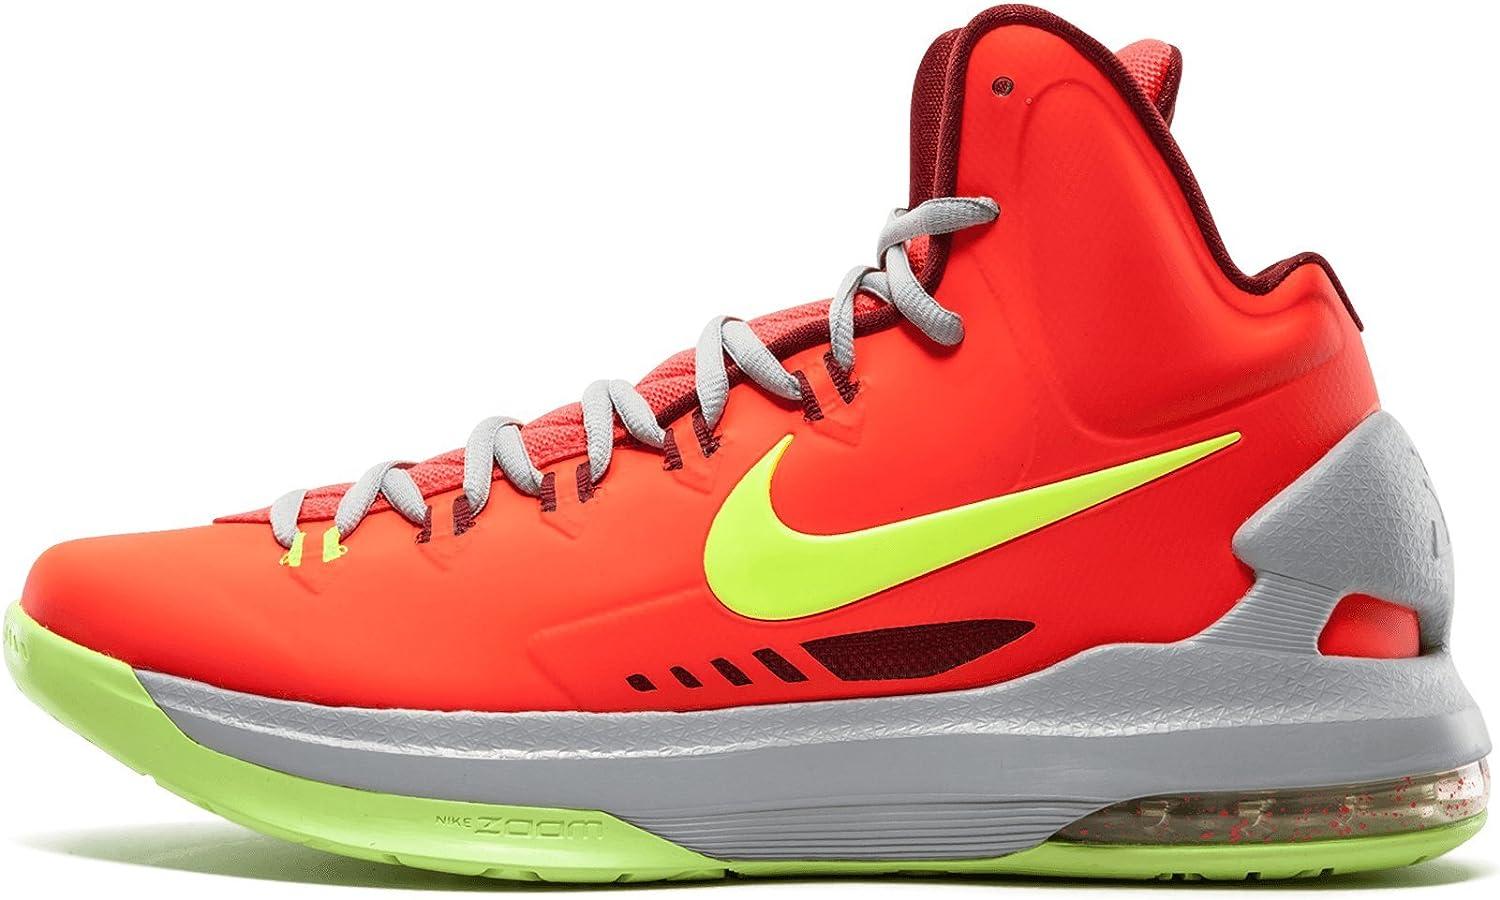 kd 5 shoes